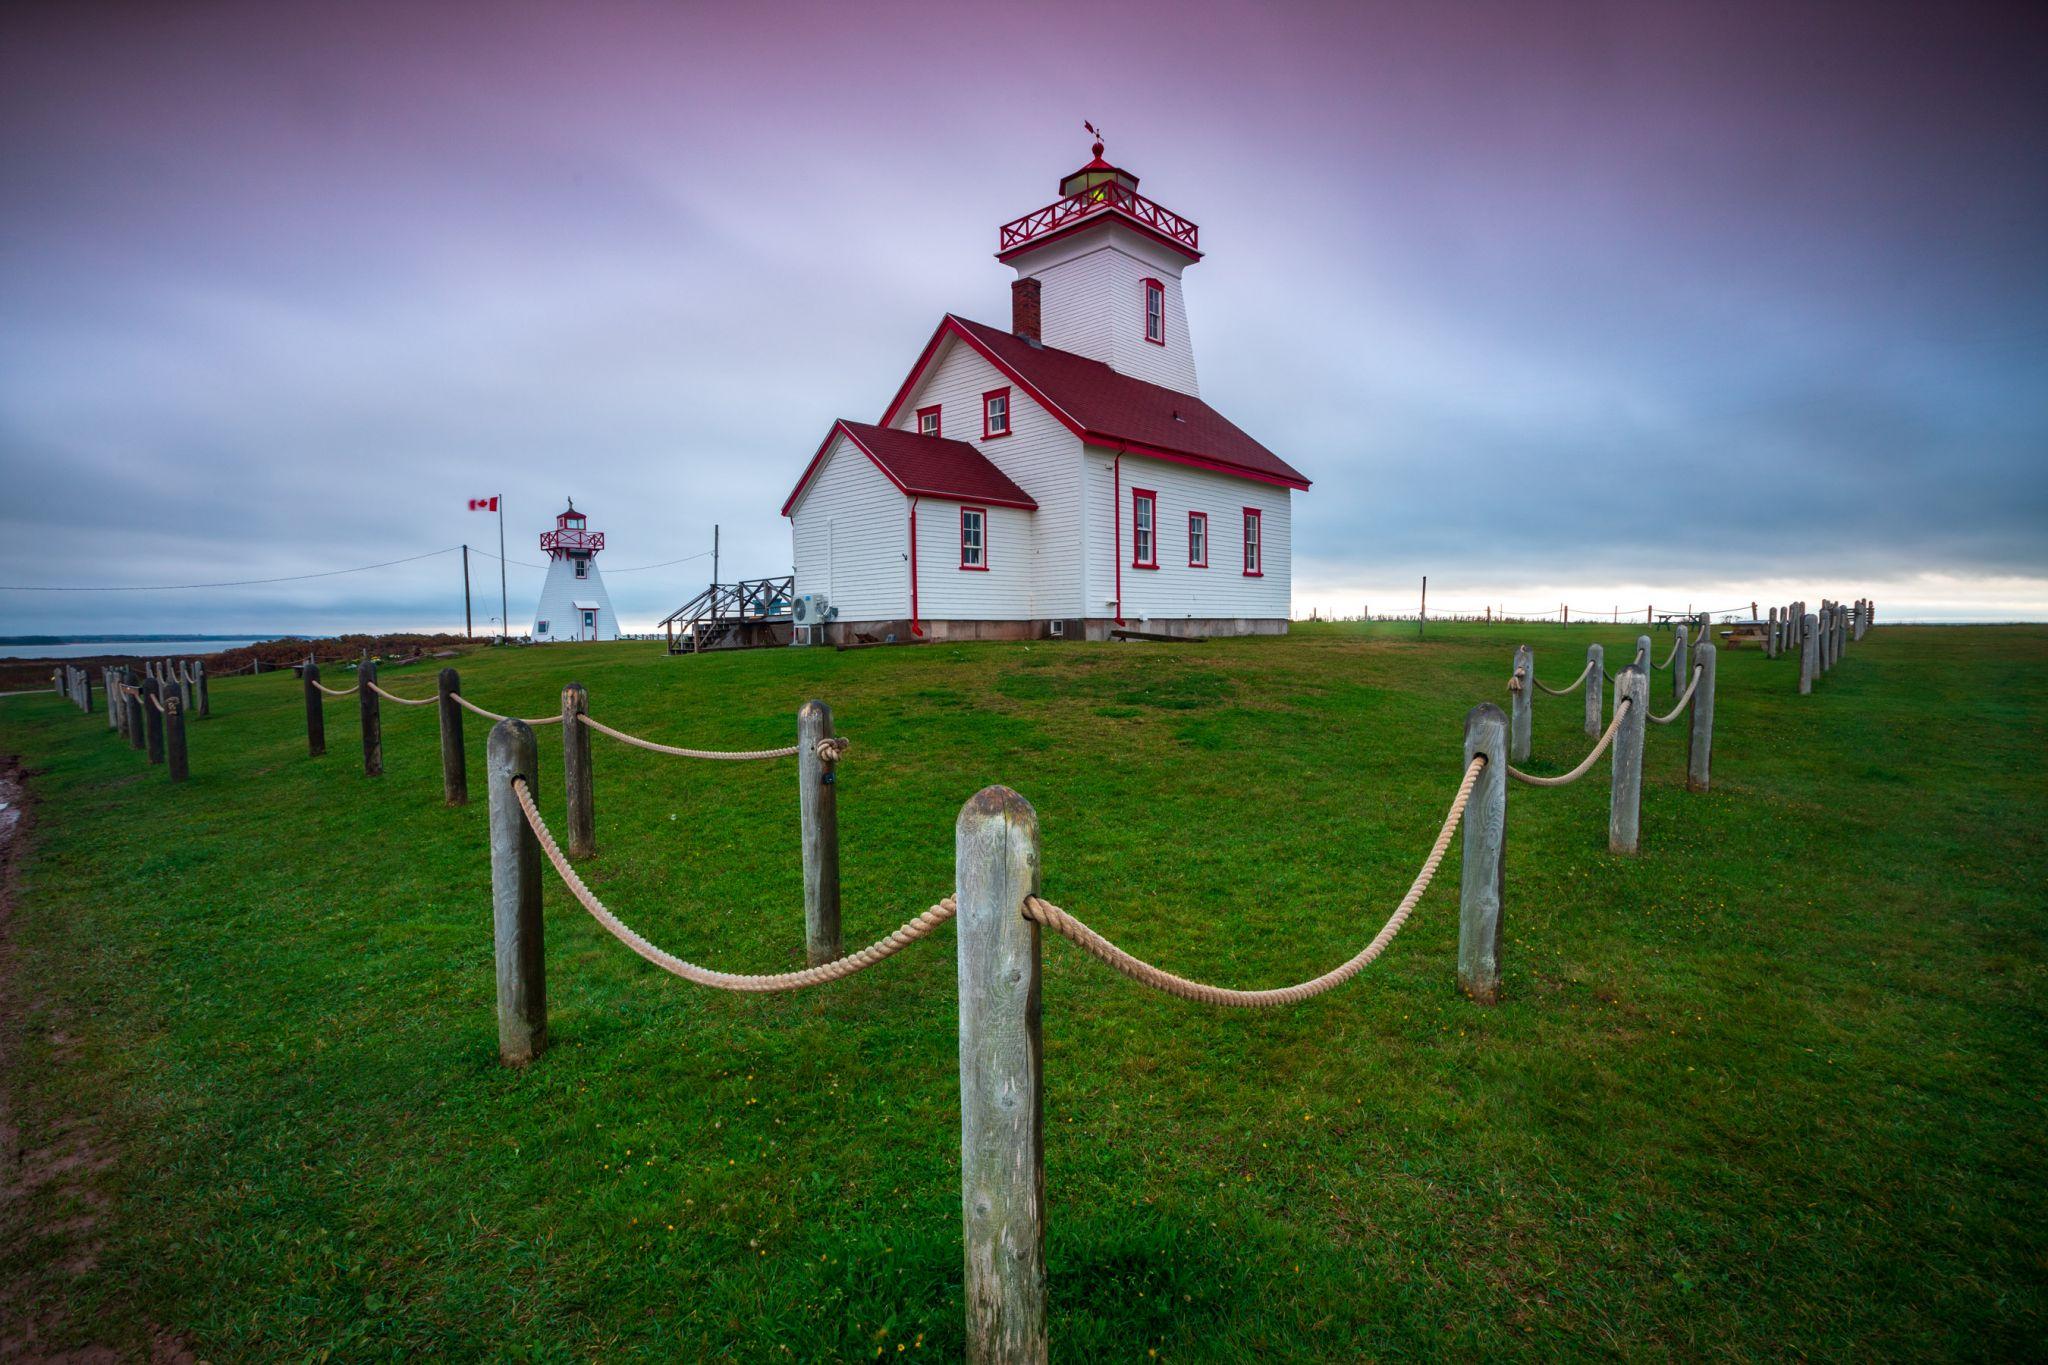 Wood Islands Lighthouse Sunrise Prince Edward Island, Canada